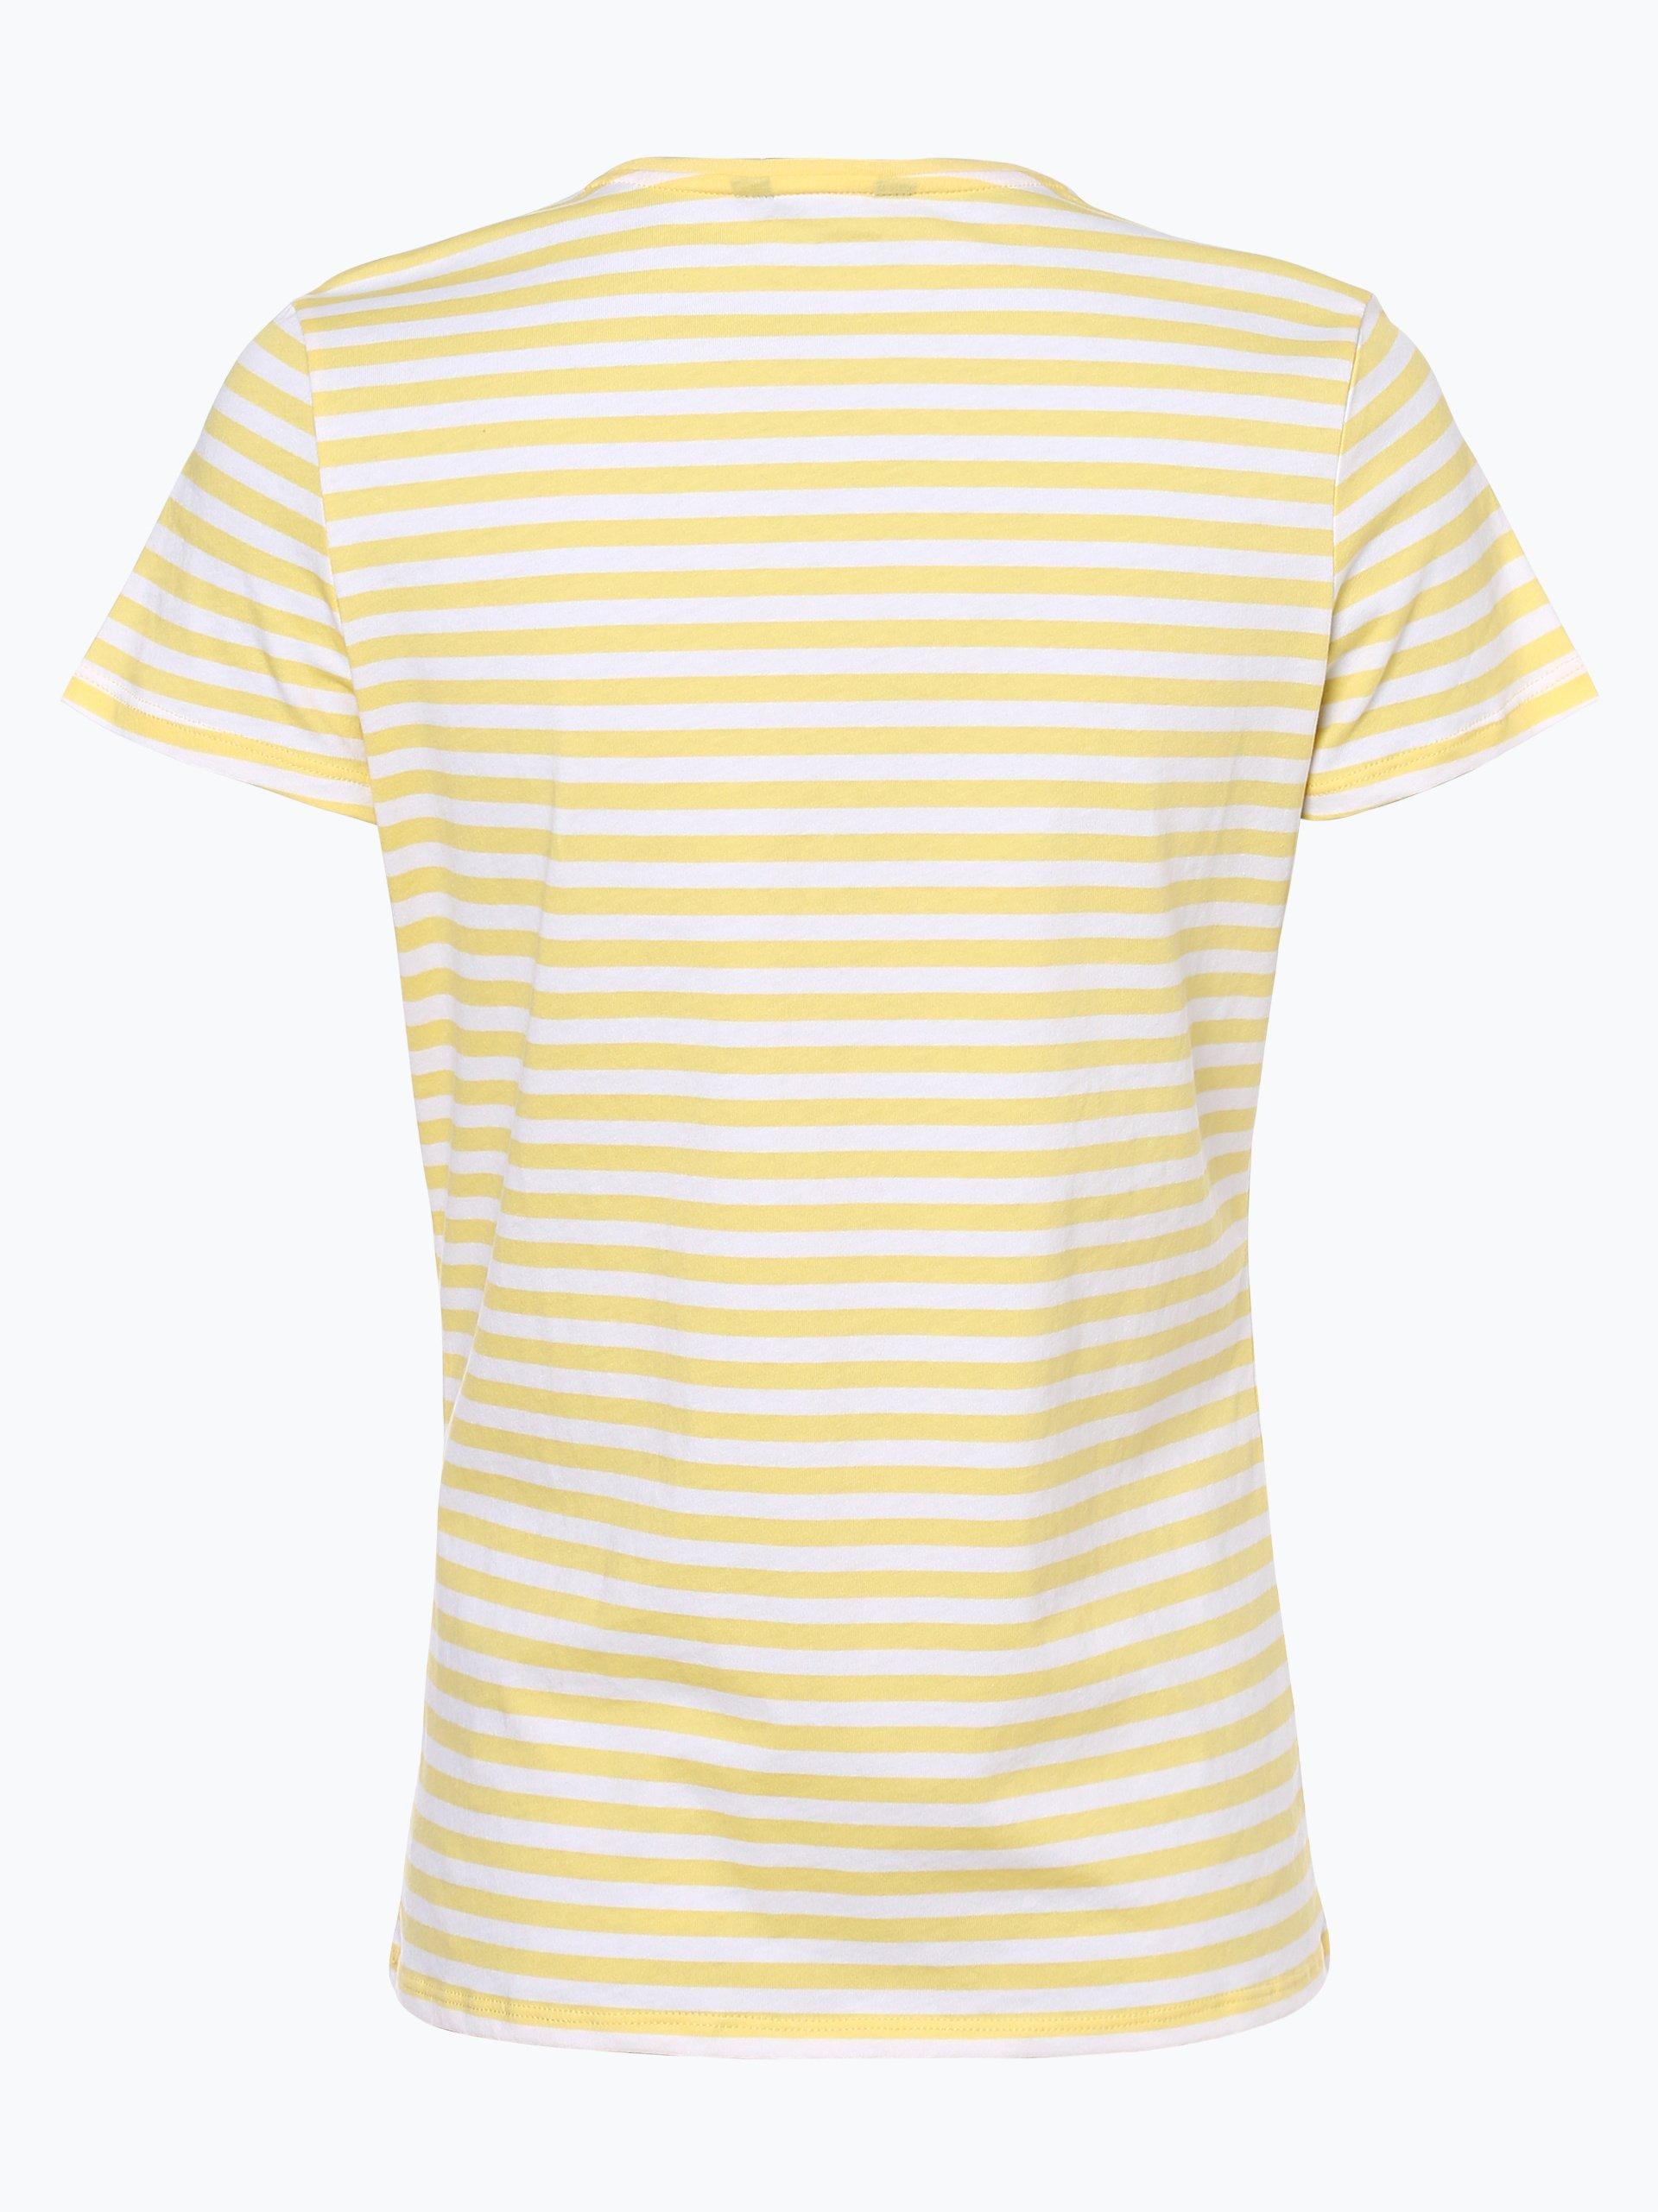 tommy hilfiger damen t shirt gelb gestreift online kaufen. Black Bedroom Furniture Sets. Home Design Ideas